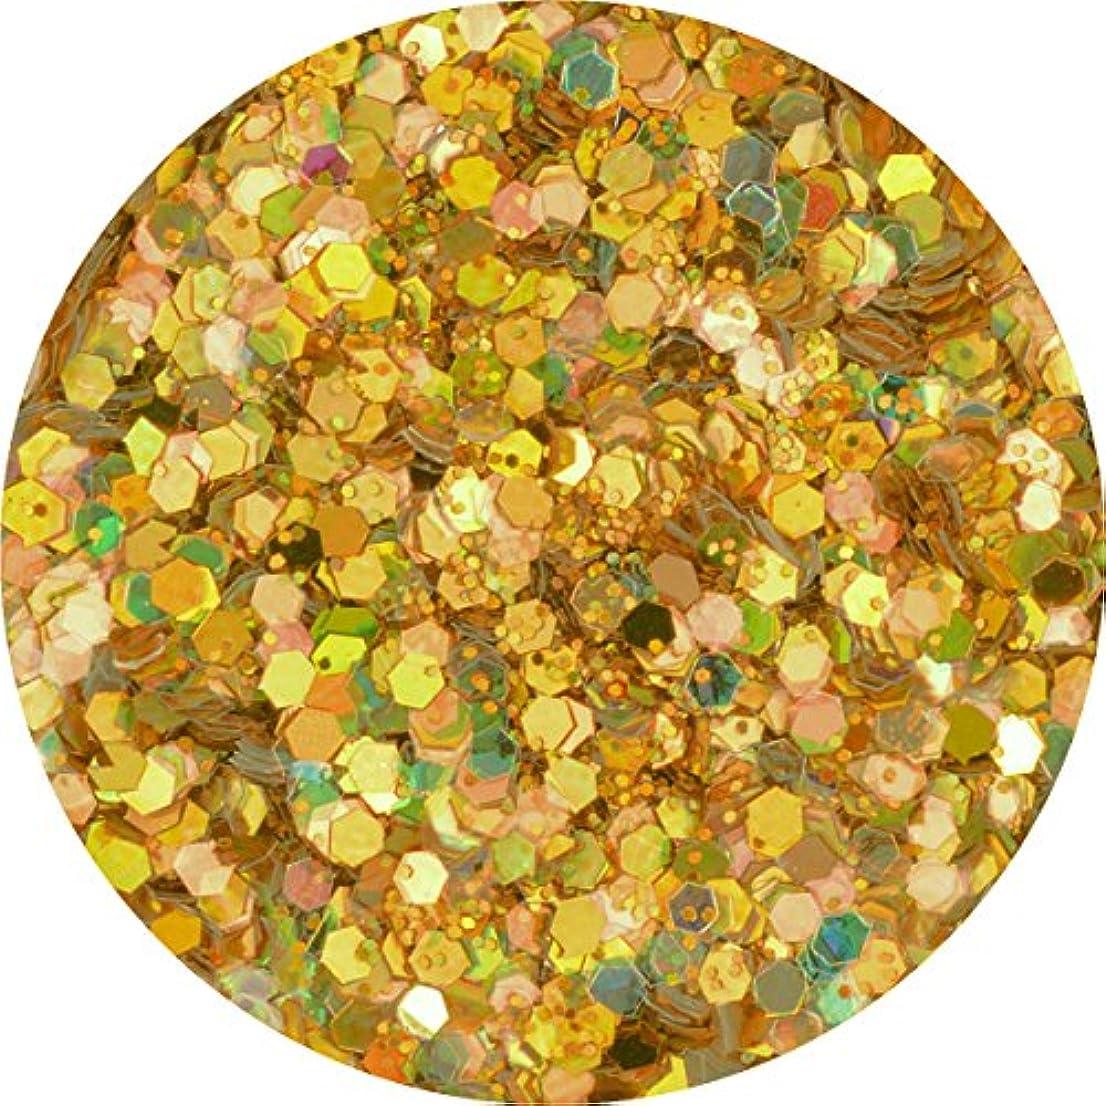 本質的ではない上陸とんでもないラメホロ ミックス [ラメ&ホログラム1mm]mix 選べる12色 (11.シャンパン)